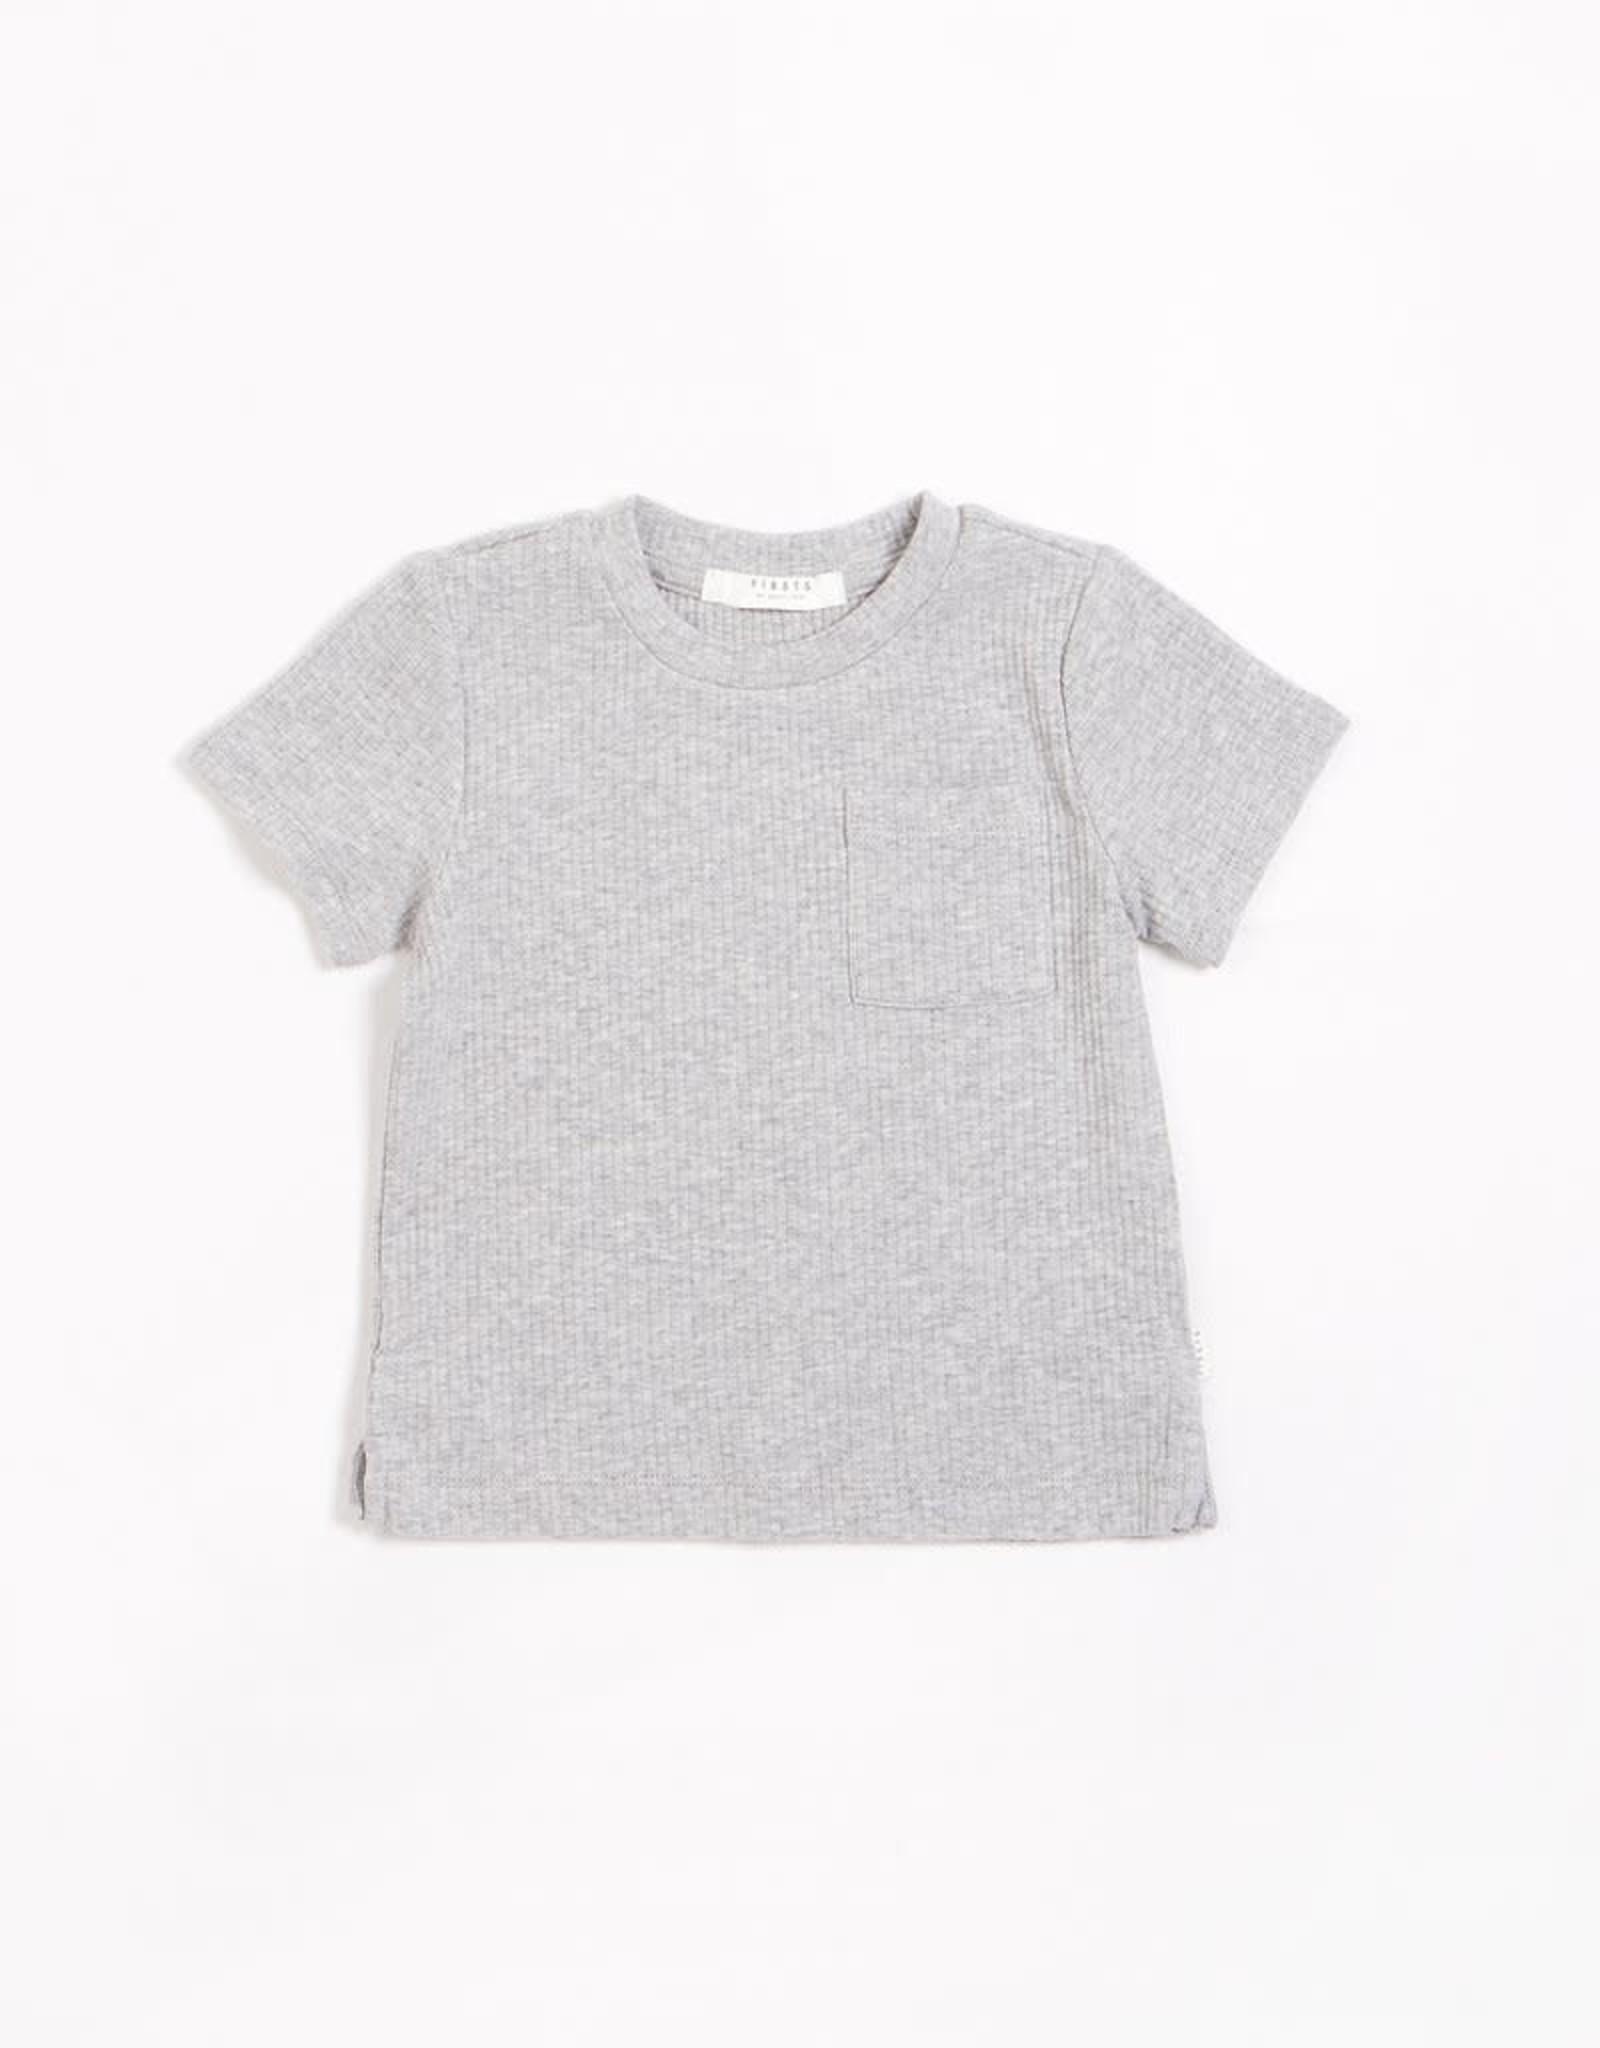 Petit Lem Petit Lem Modal Rib Knit Baby T-Shirt